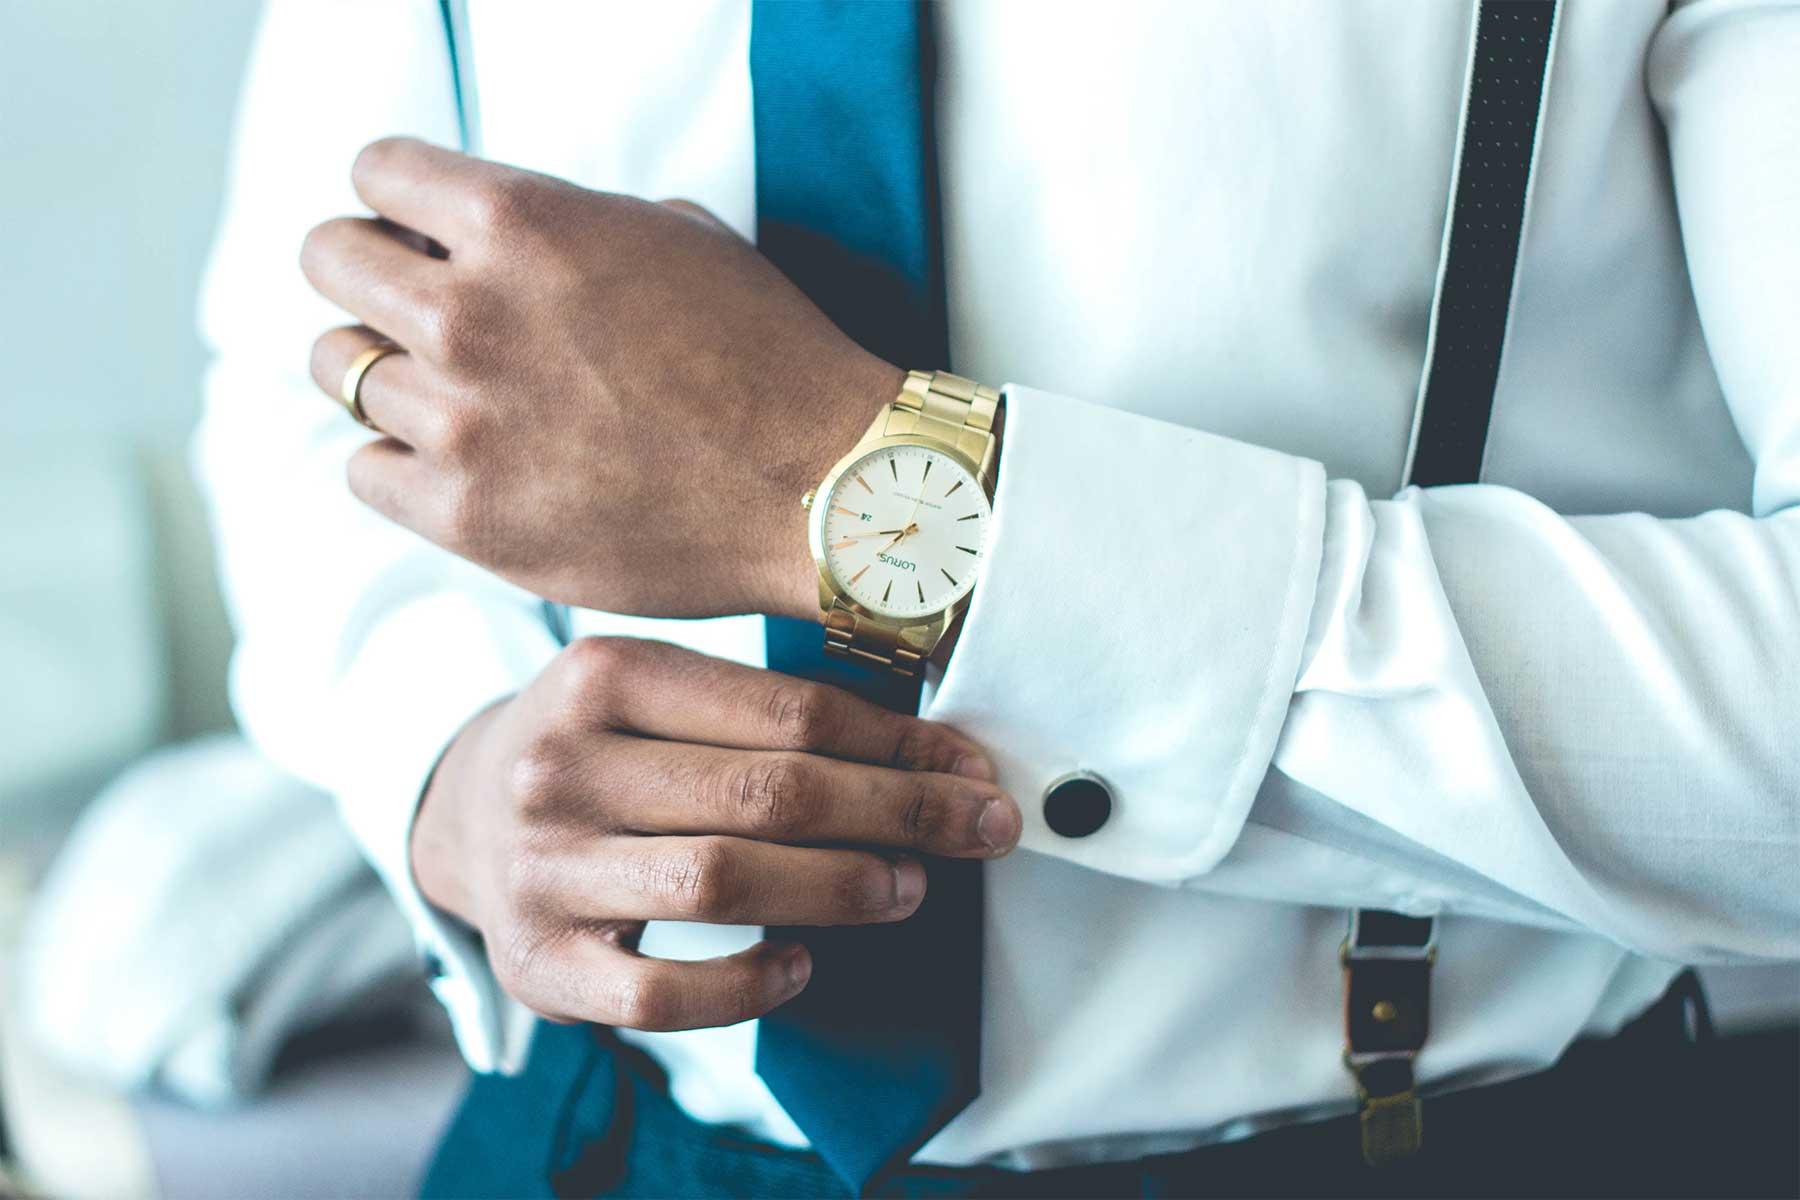 Braucht es Luxus überhaupt? luxus